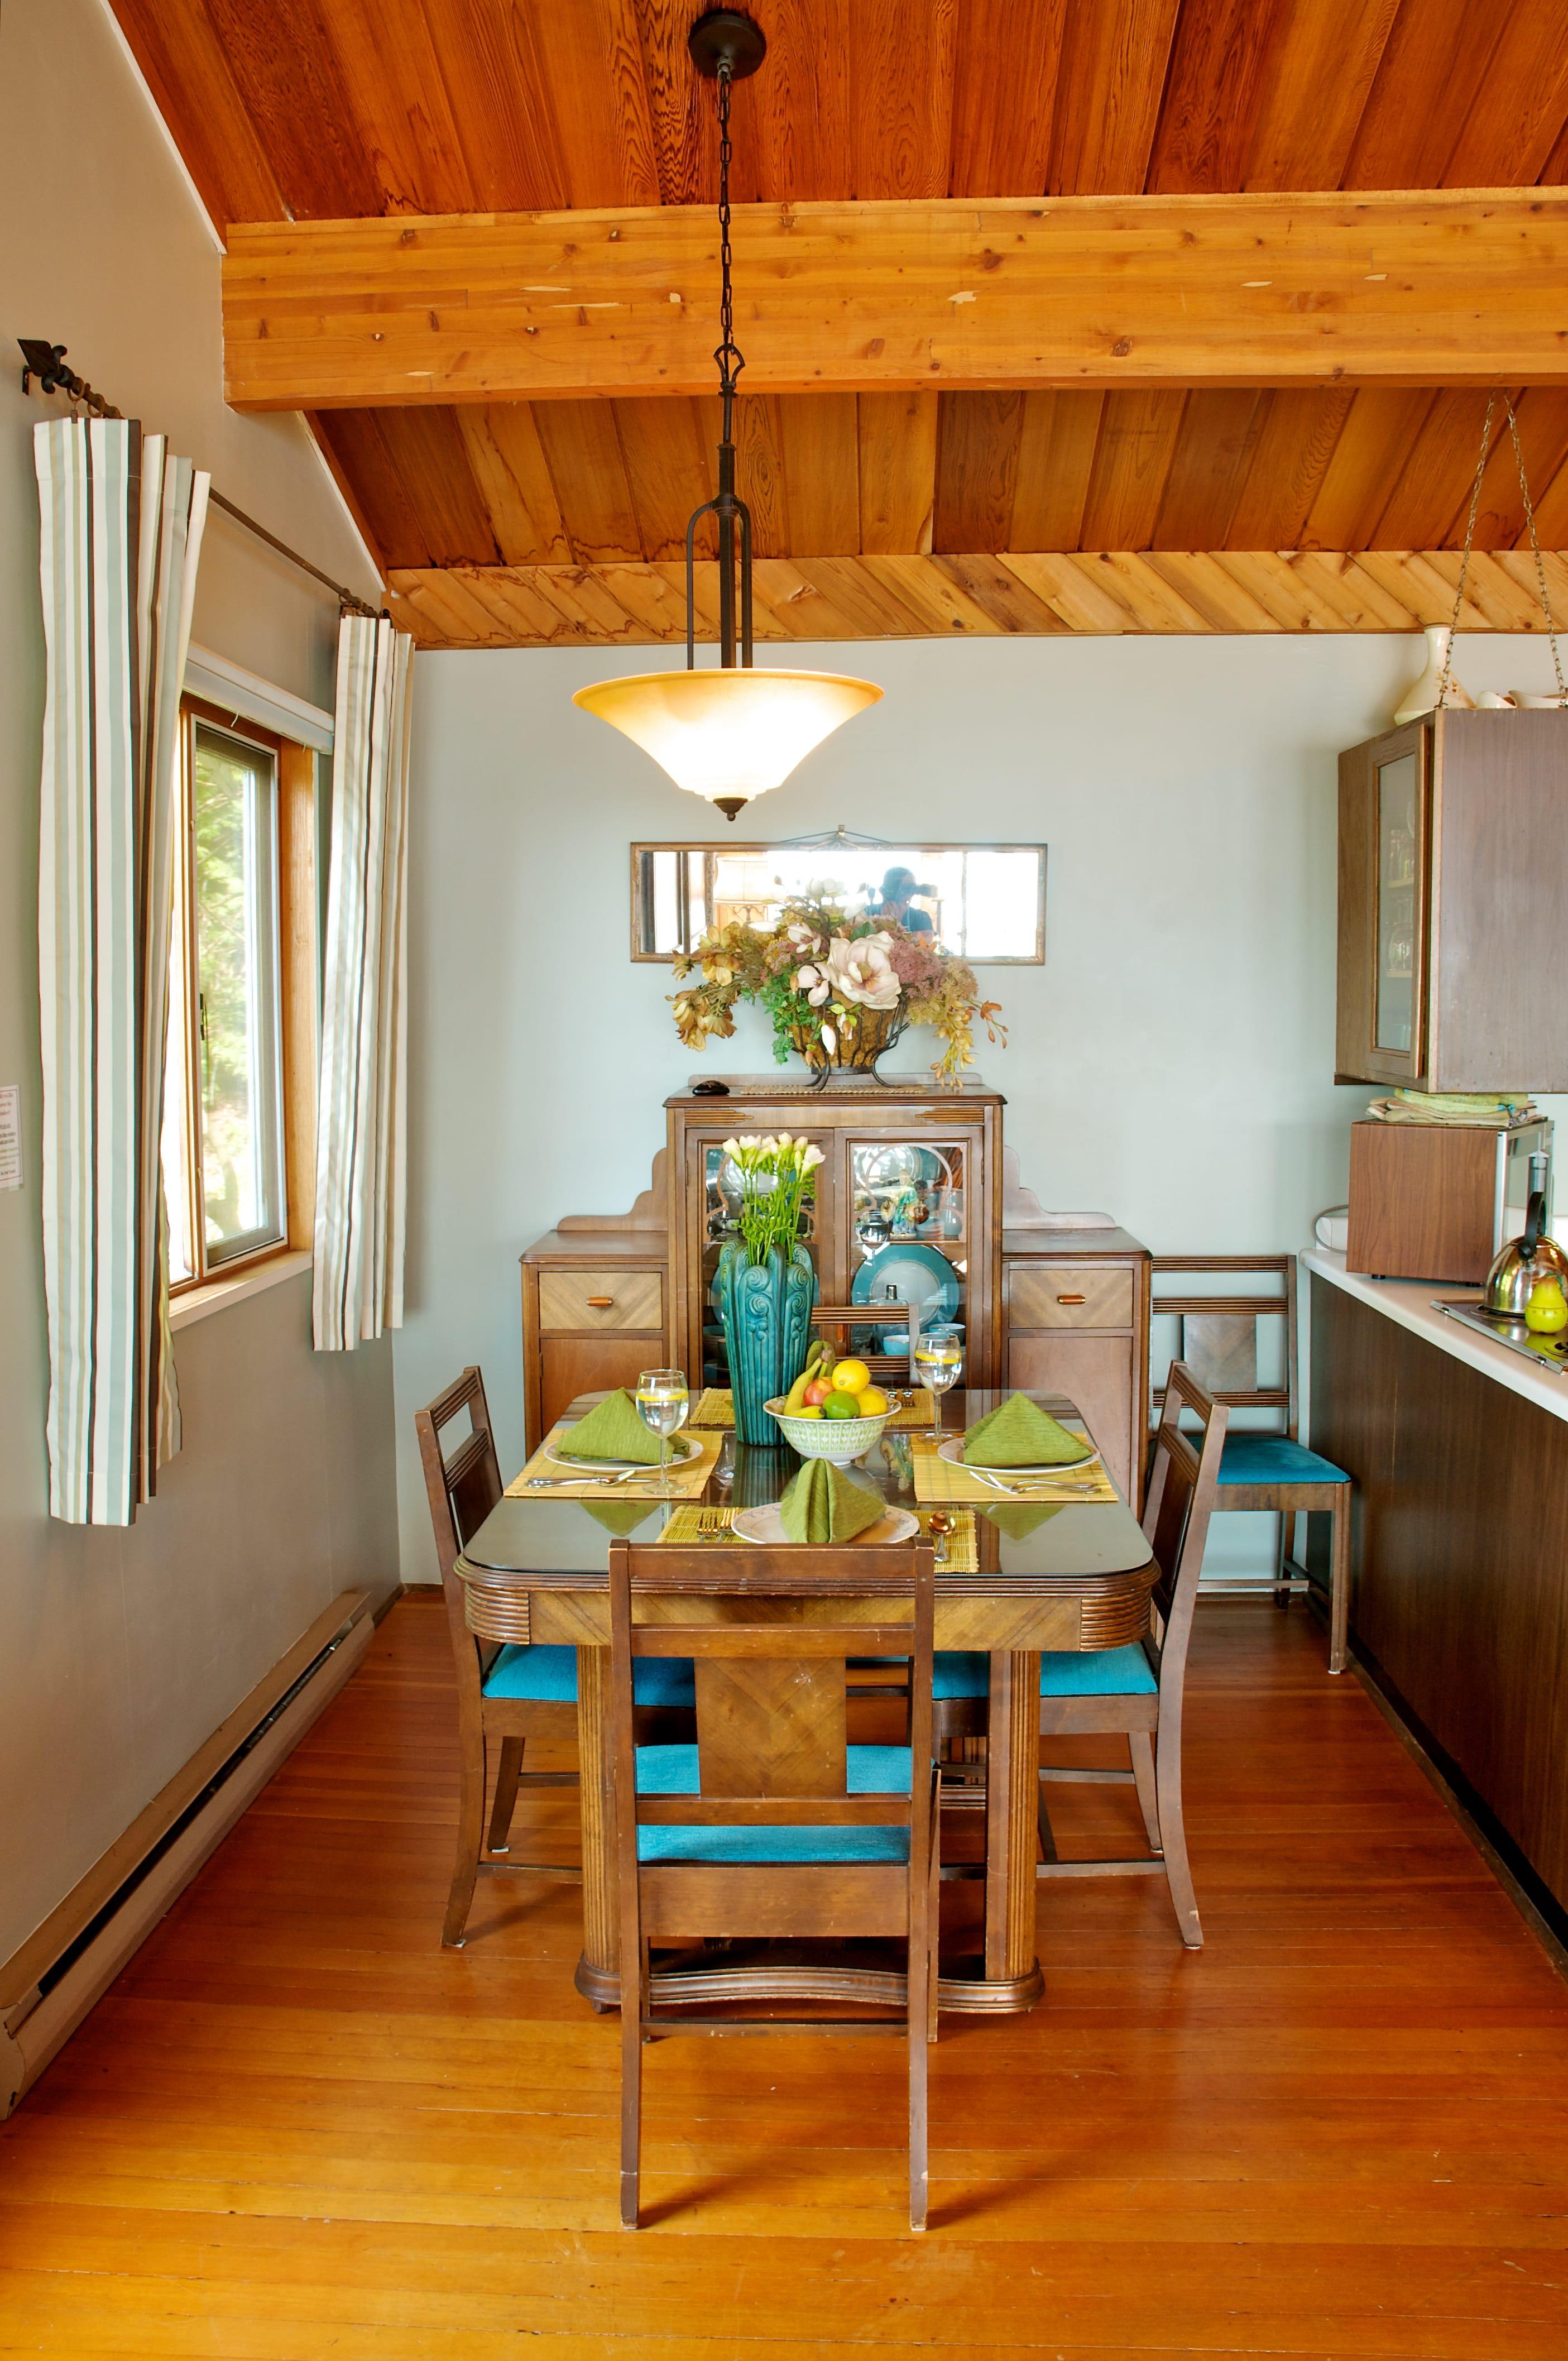 Hideaway dining room